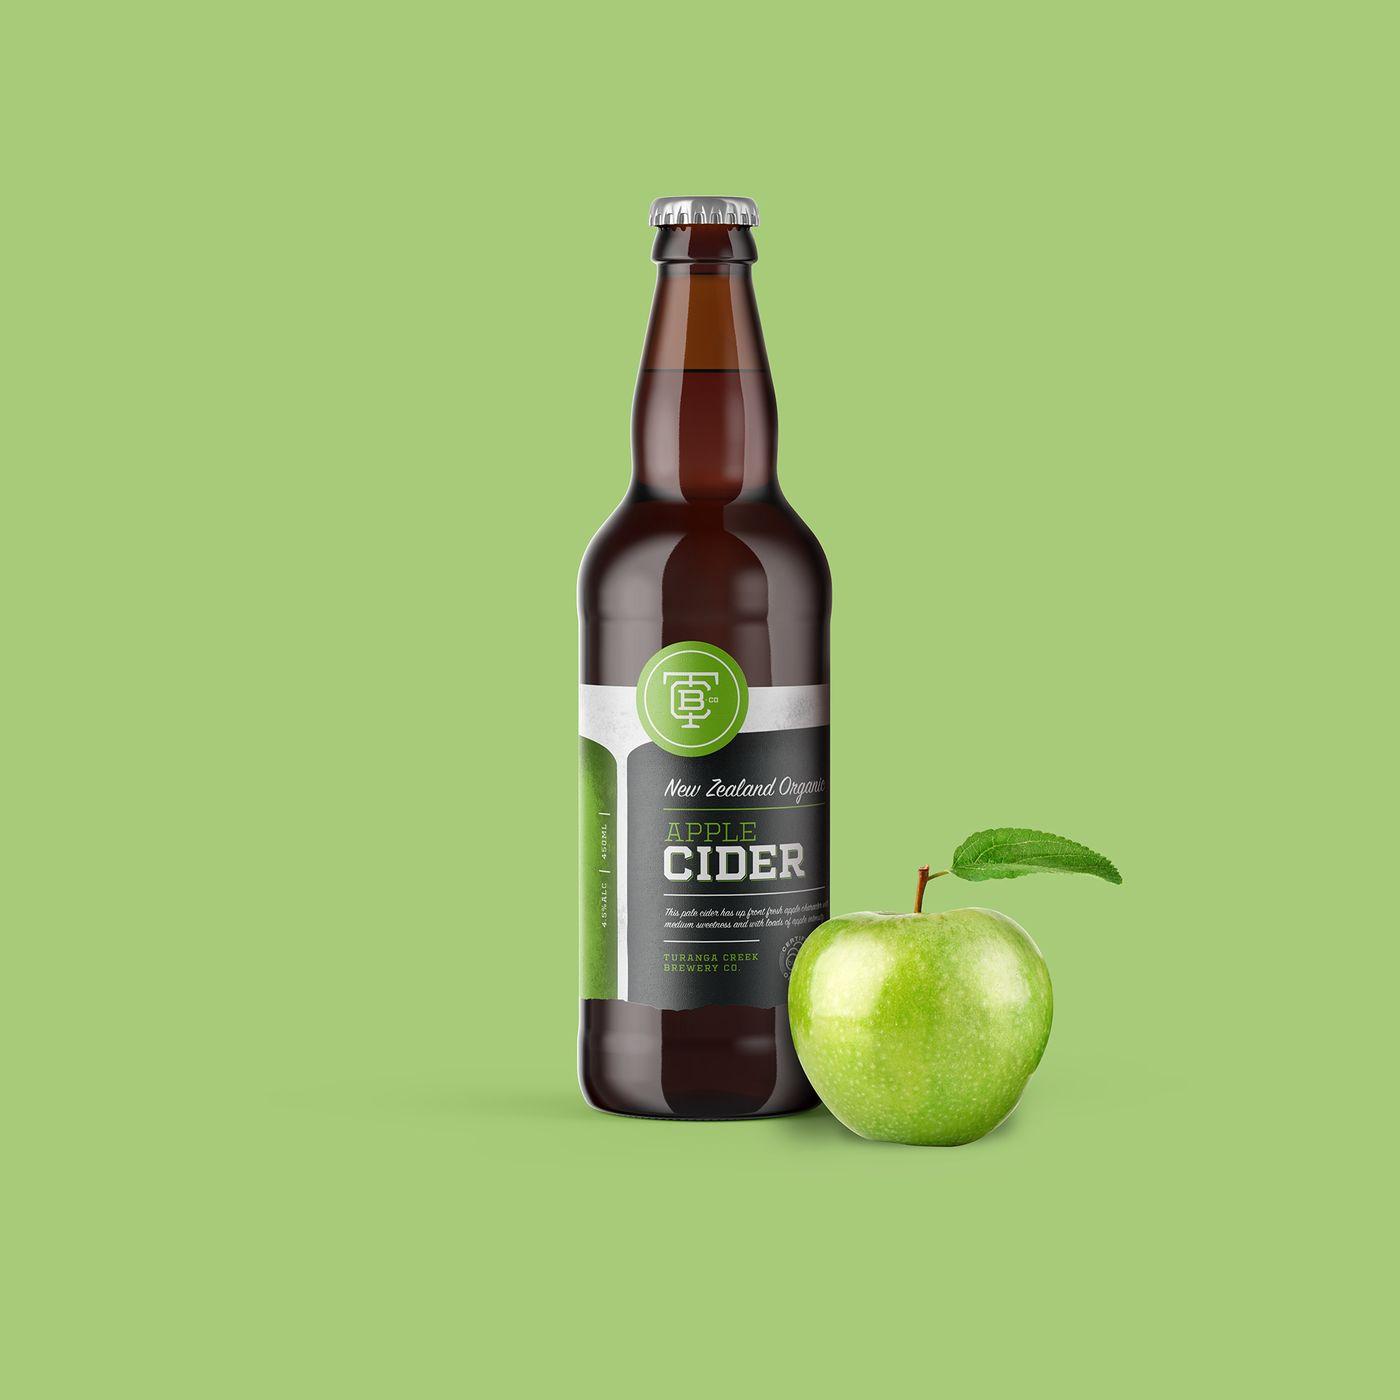 Turanga Creek Cider Bottle Apple